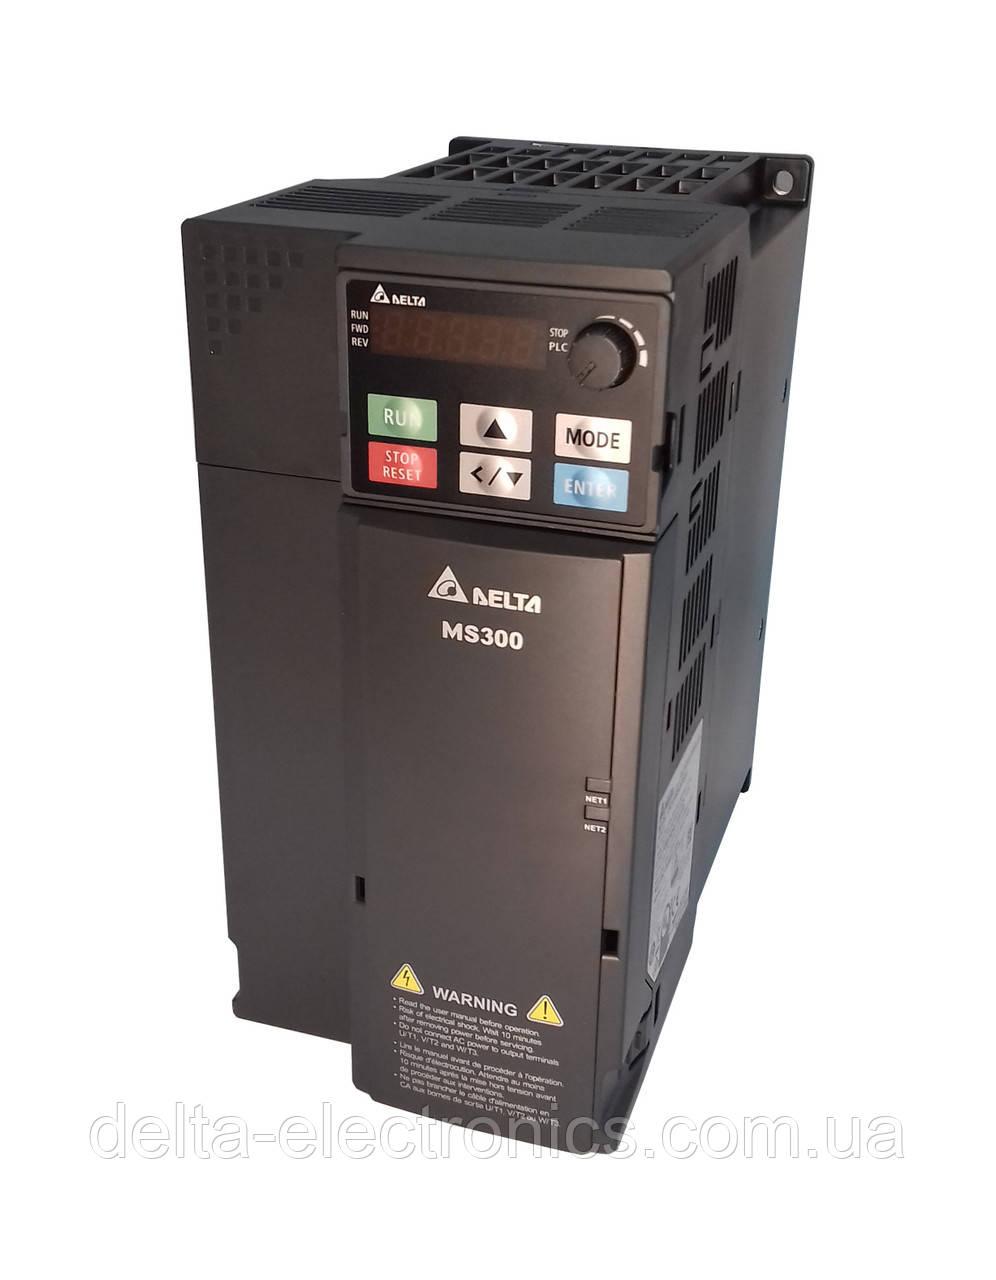 Преобразователь частоты MS300, 3x380В, 5,5 кВт, 13/15,7А, ЭМС С2 фильтр, векторный, c ПЛК, VFD13AMS43AFSAA